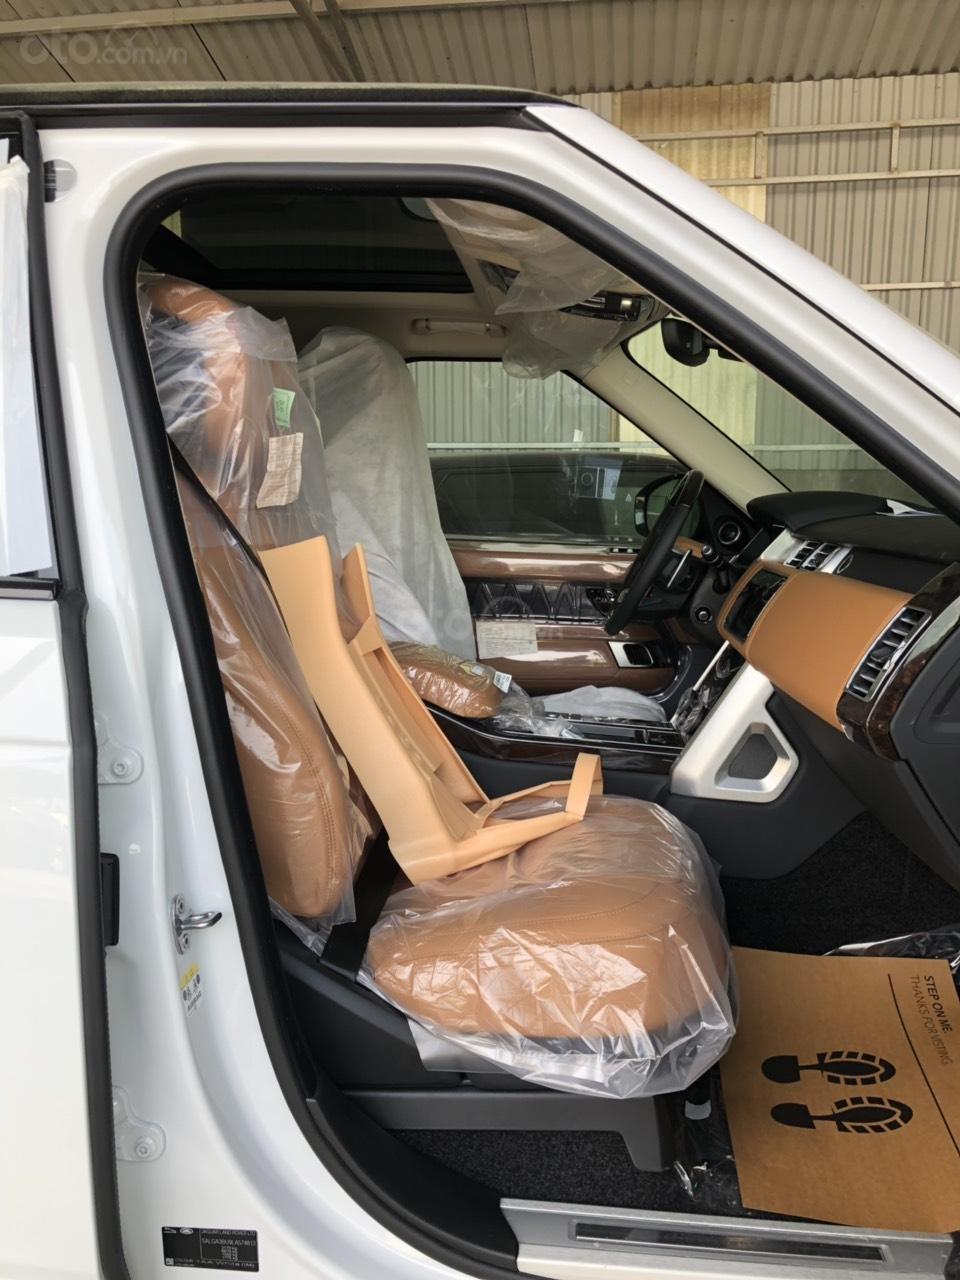 093 22222 53 bán LandRover Range Rover Autobiography Long 2019, màu trắng, đen, xanh, xám - giao xe - toàn quốc (8)